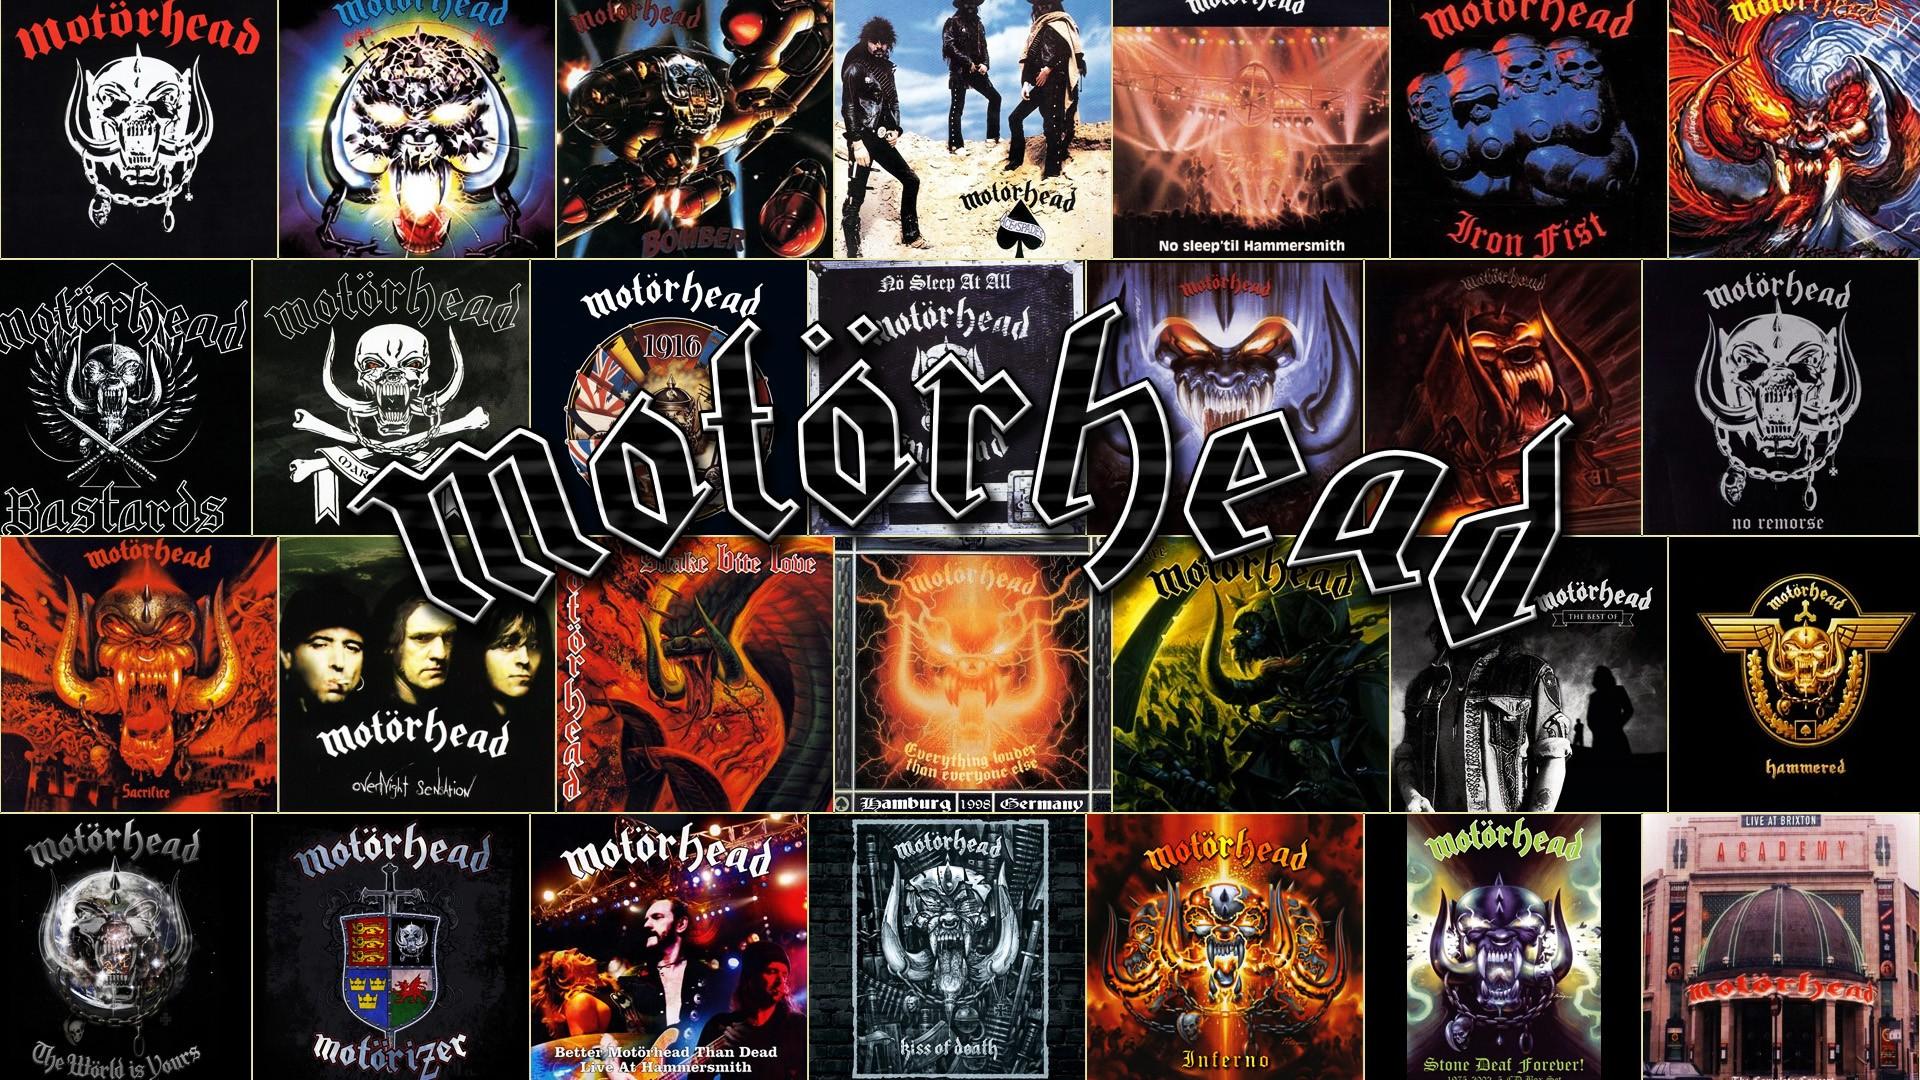 MOTORHEAD heavy metal hard rock collage q wallpaper 1920x1080 1920x1080